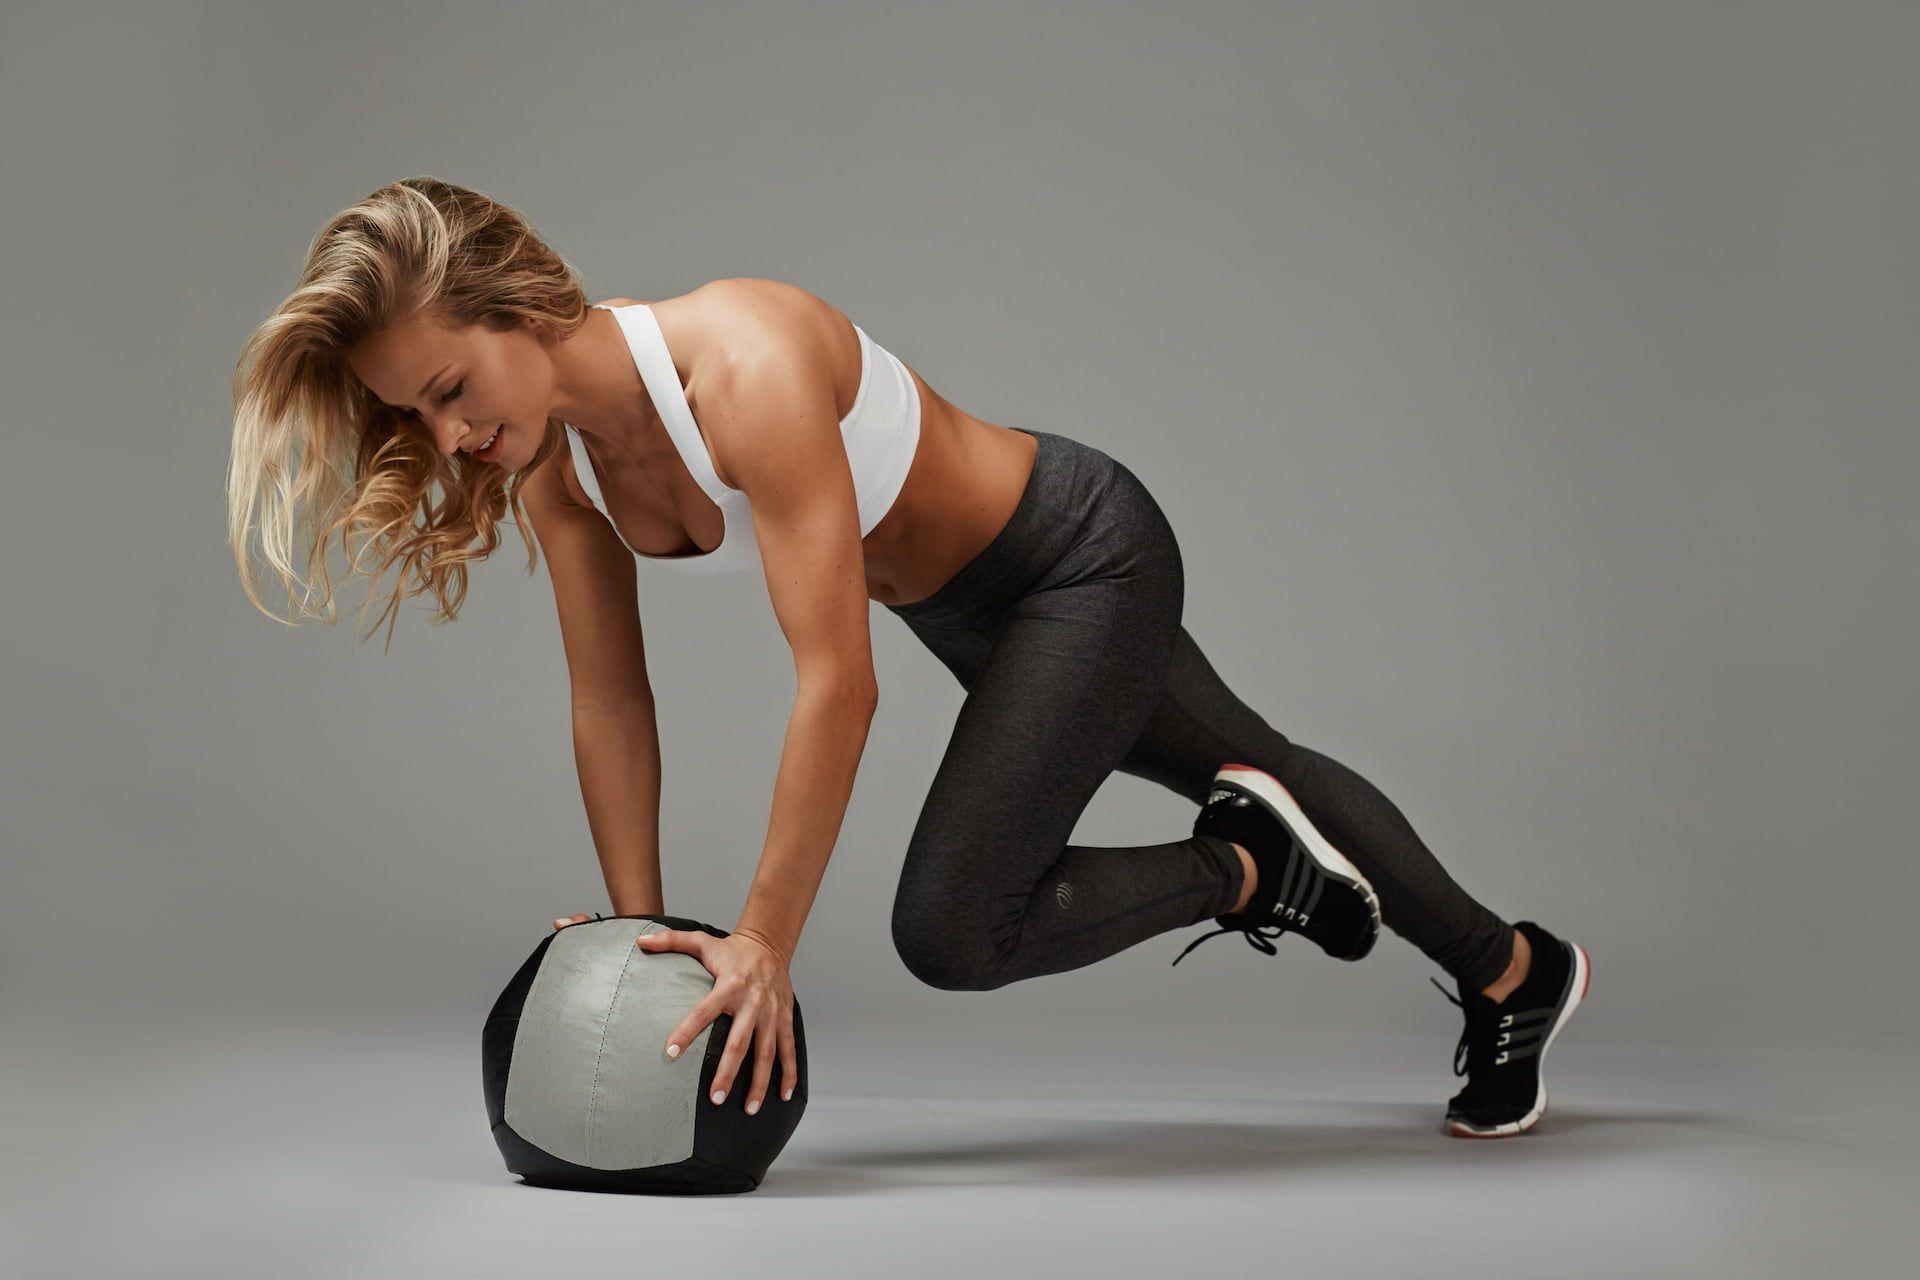 #woman #ball #female #workout #fitness #training #1080P #wallpaper #hdwallpaper #desktop